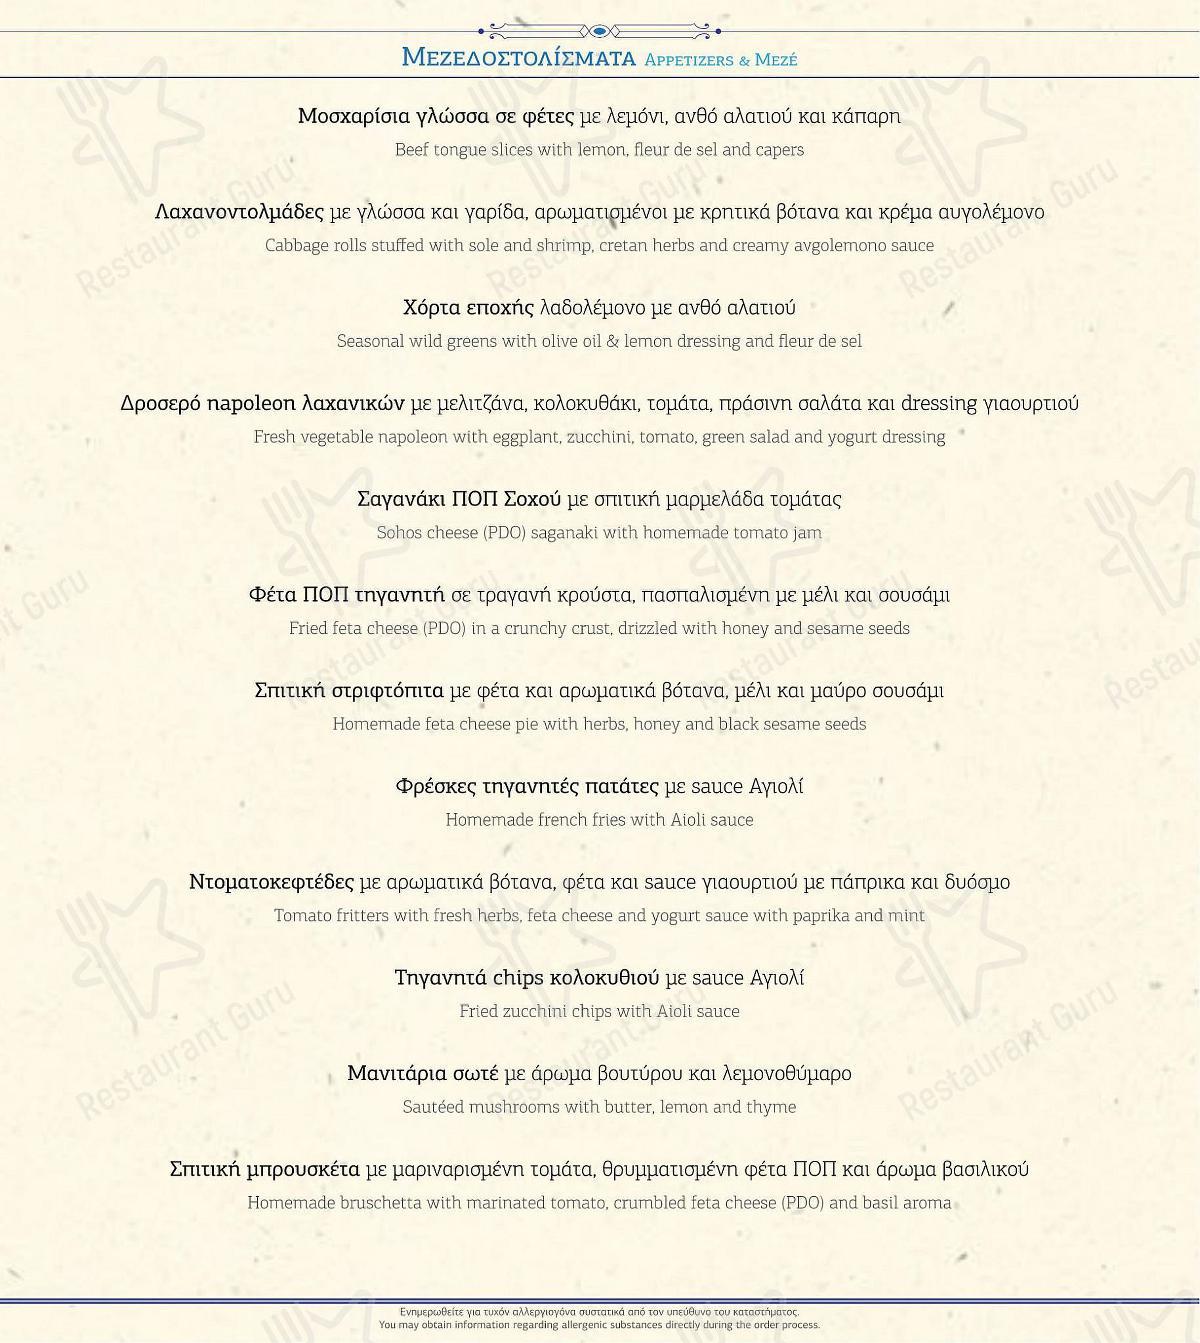 Αγιολί menu - meals and drinks